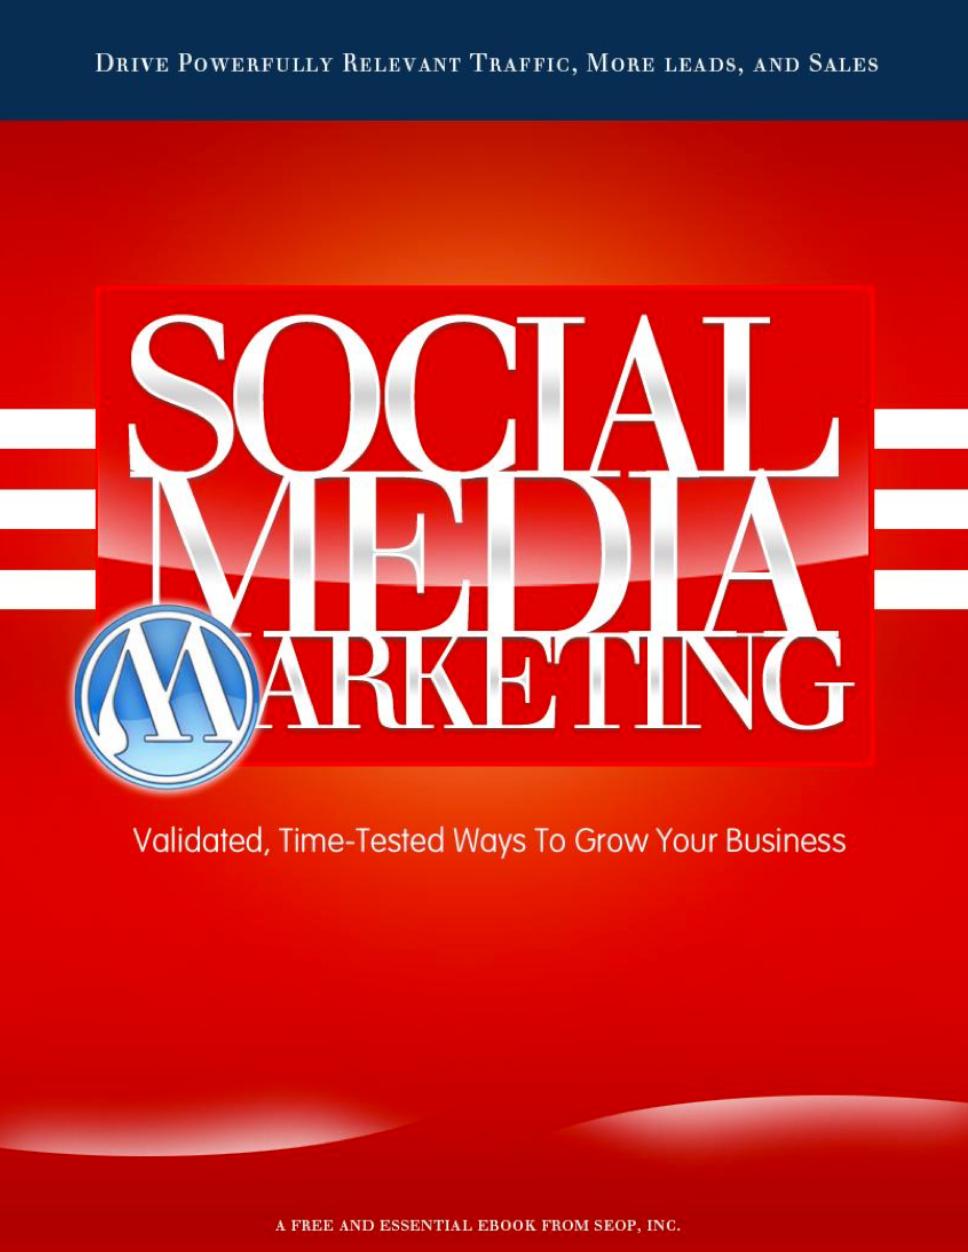 Social Media Marketing eBook at Social-Media.press